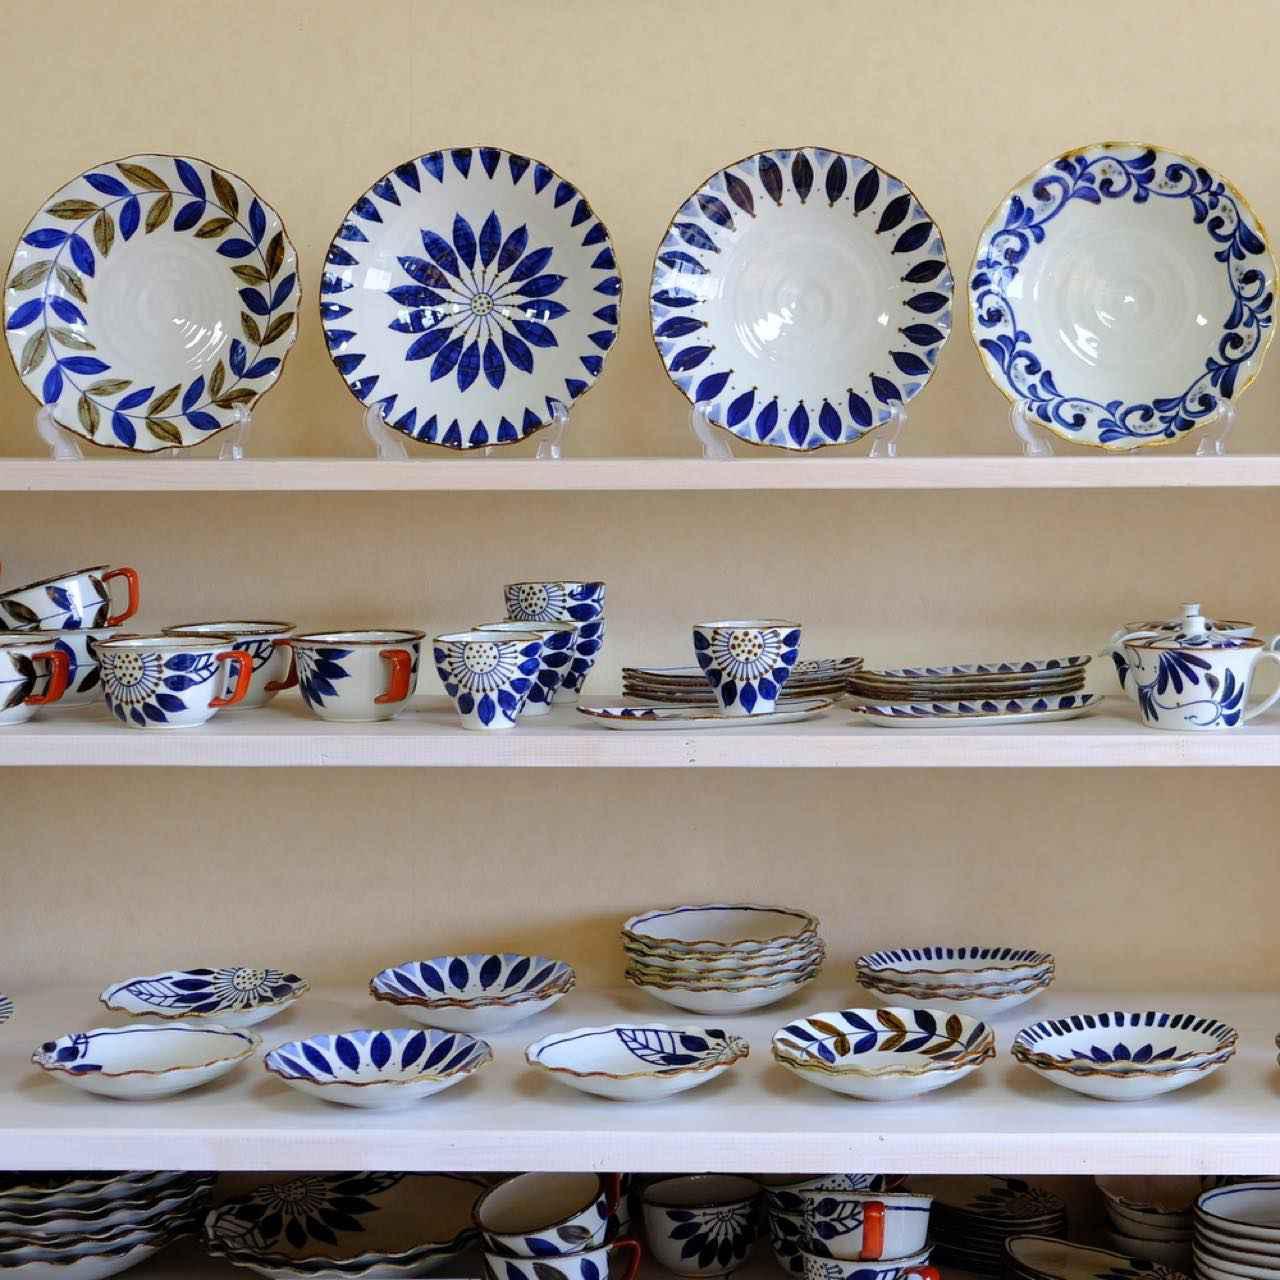 画像: 最後に立ち寄ったのは窯元「翔芳窯」。目の覚めるような藍色の器が特徴の窯元です。